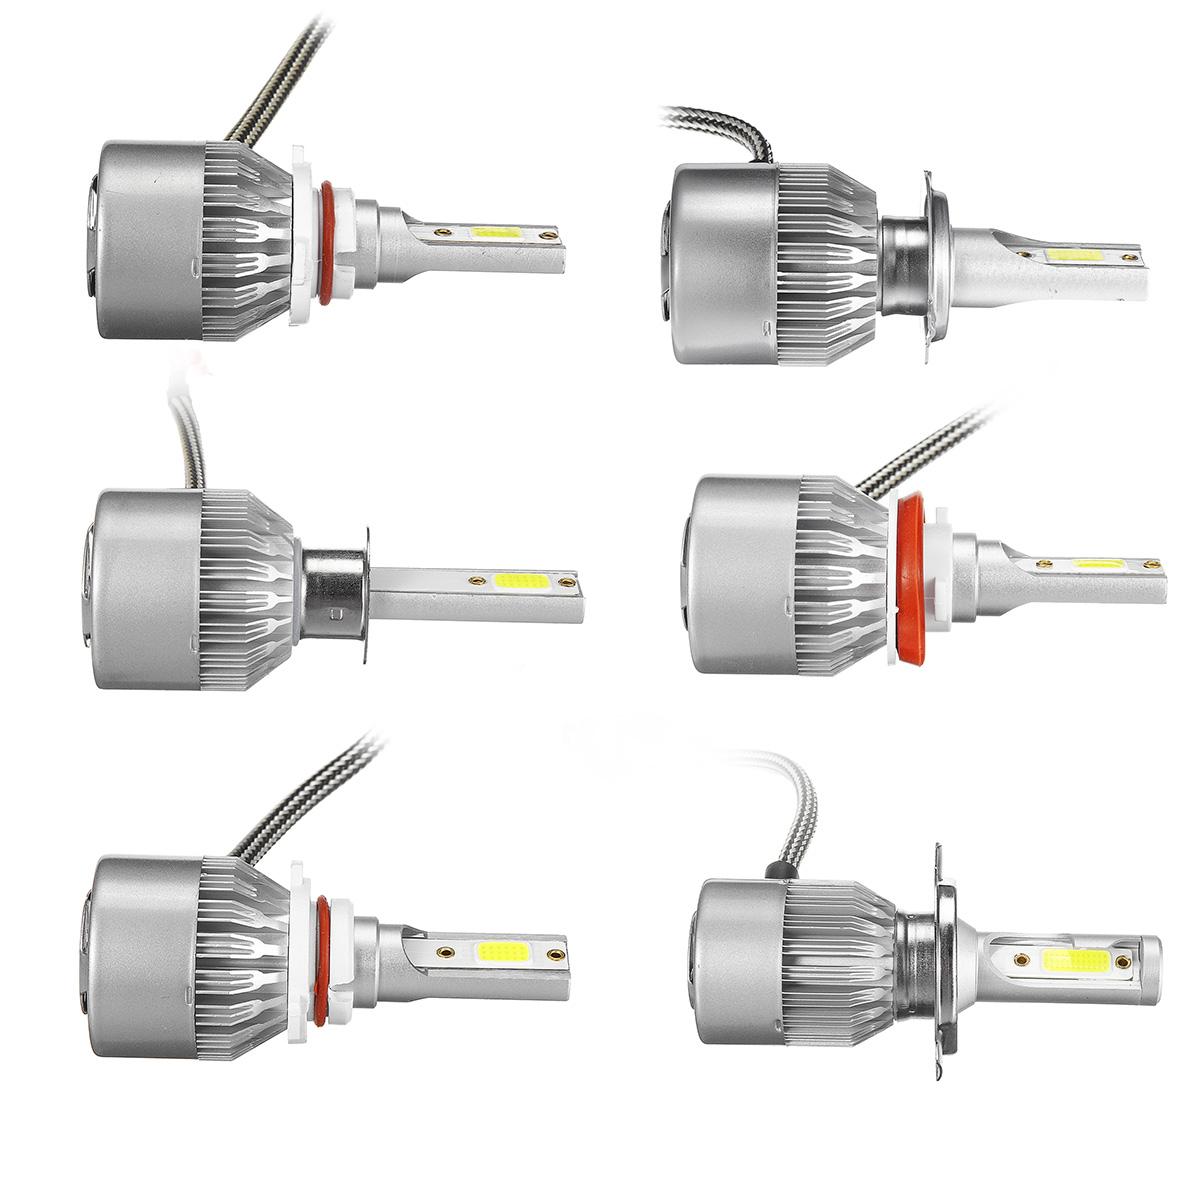 9V-36V H1/H4/H7/H11/9005/9006 COB LED Lâmpadas de Faróis Conversion Kit  White